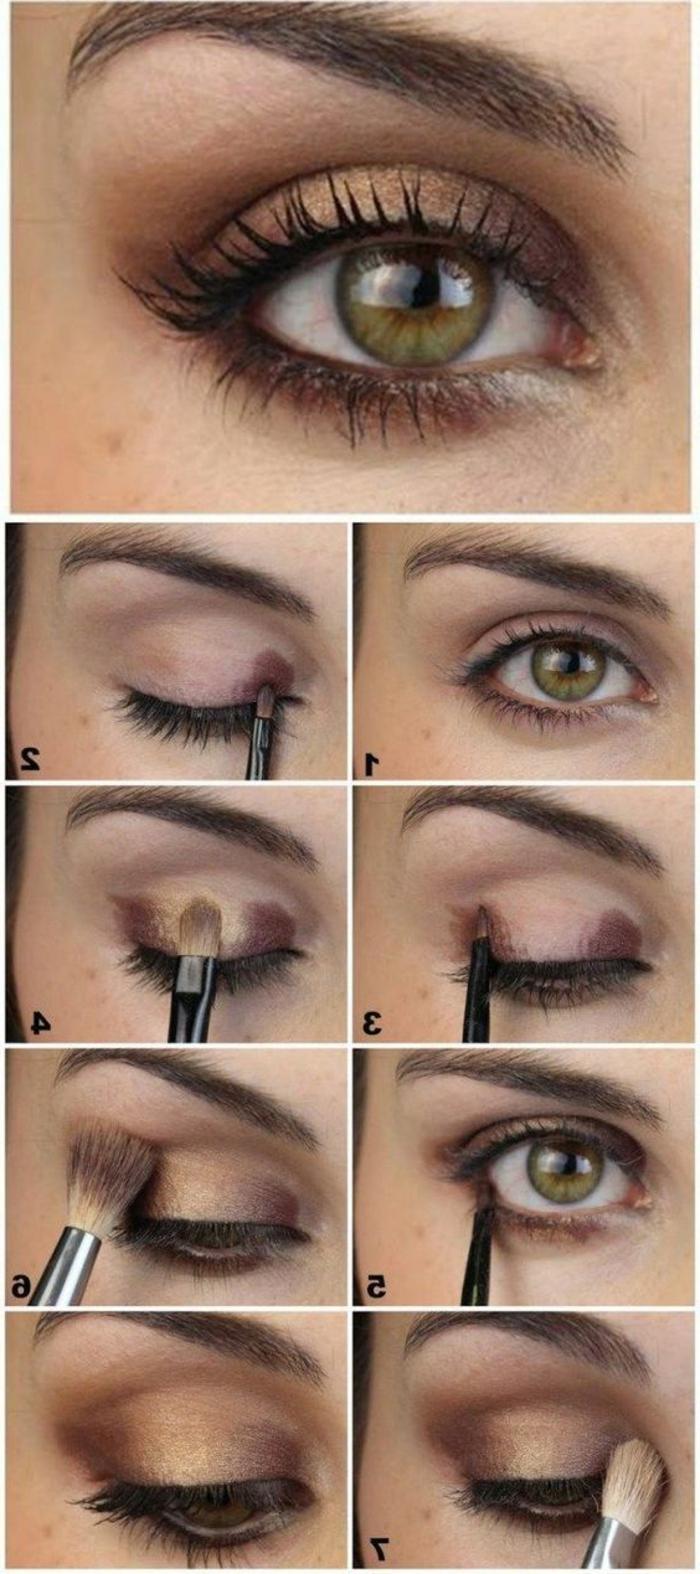 como-maquillarse-los-ojos-verdes-en-marron-y-oro-tonos-naturales